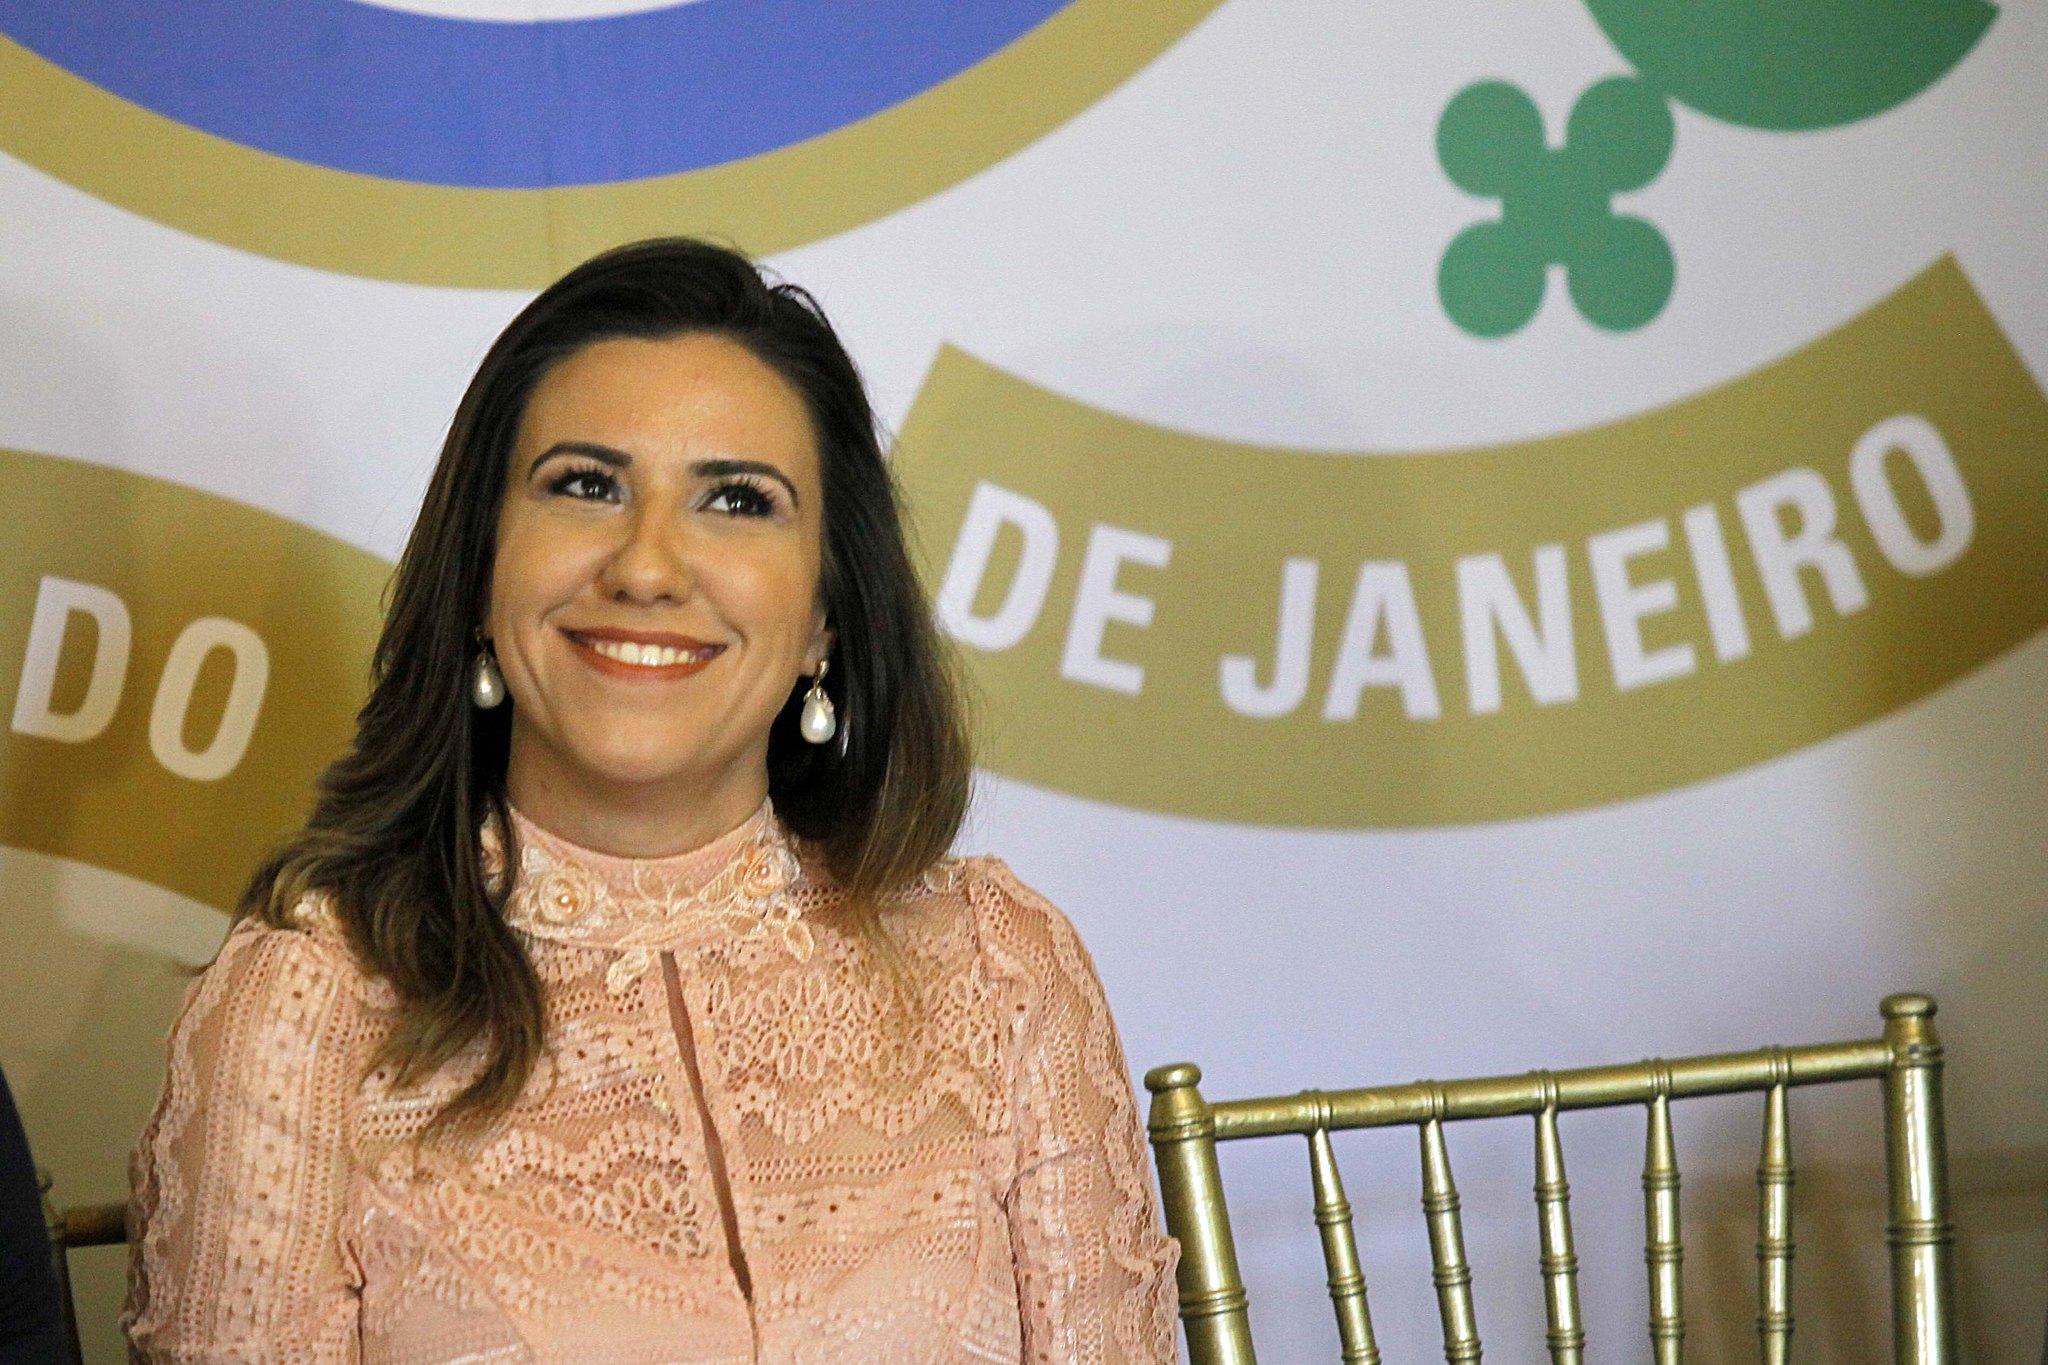 Primeira-dama Helena Witzel. Foto: André Gomes de Melo